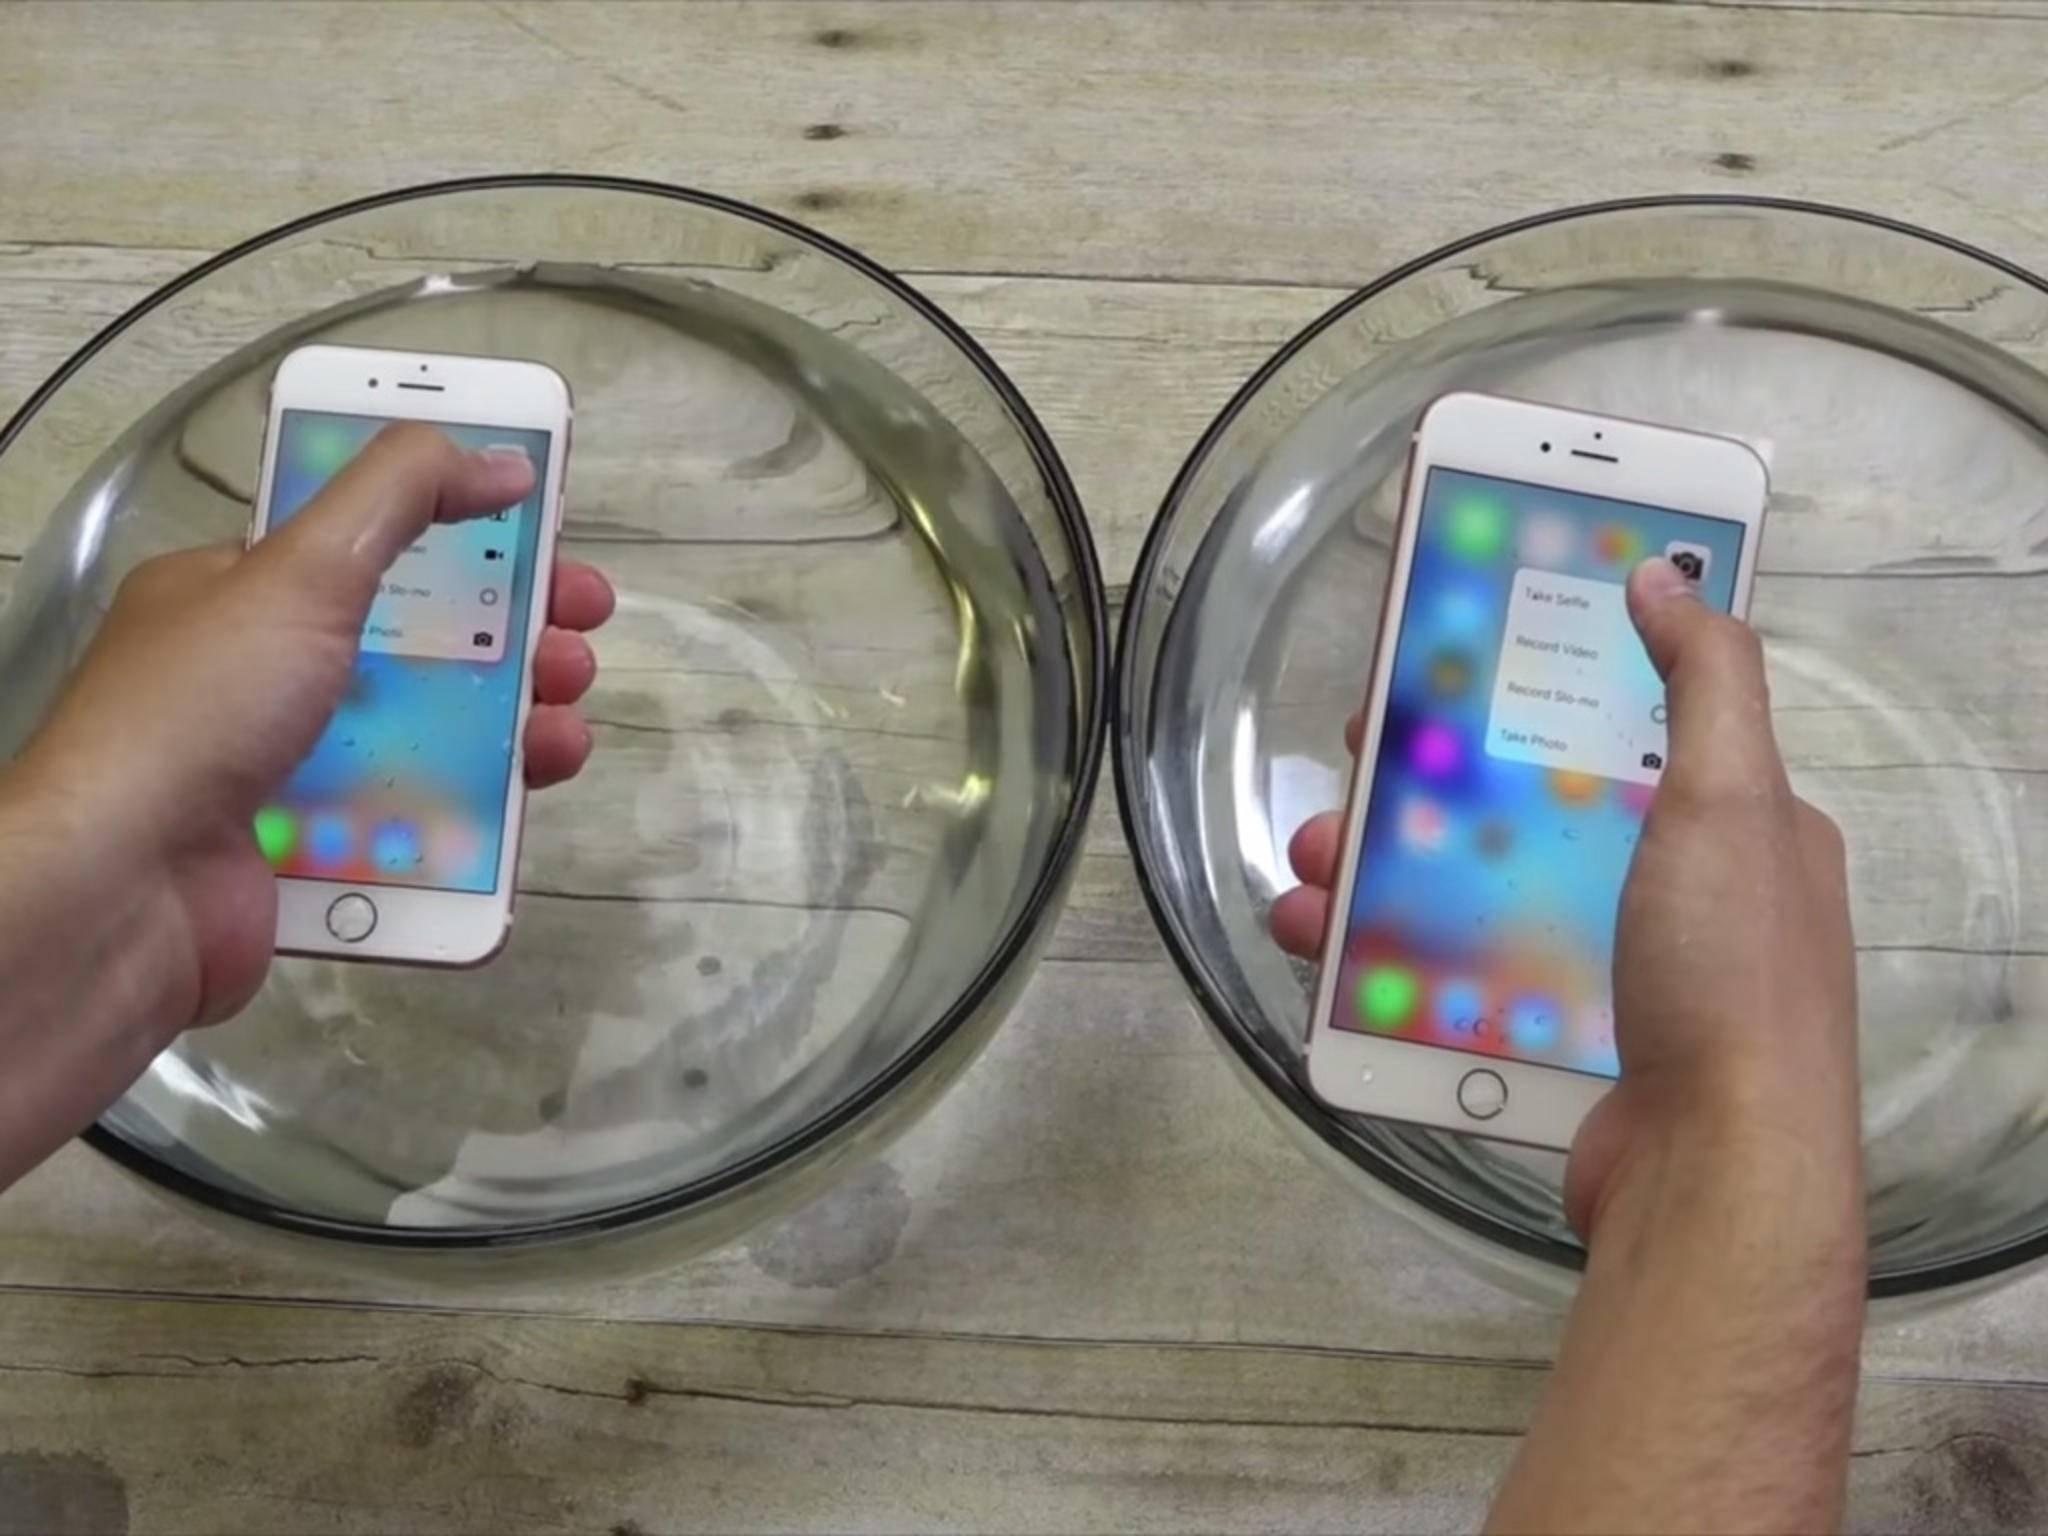 Ein iPhone ohne normalen Kopfhöreranschluss könnte deutlich wasserfester sein.